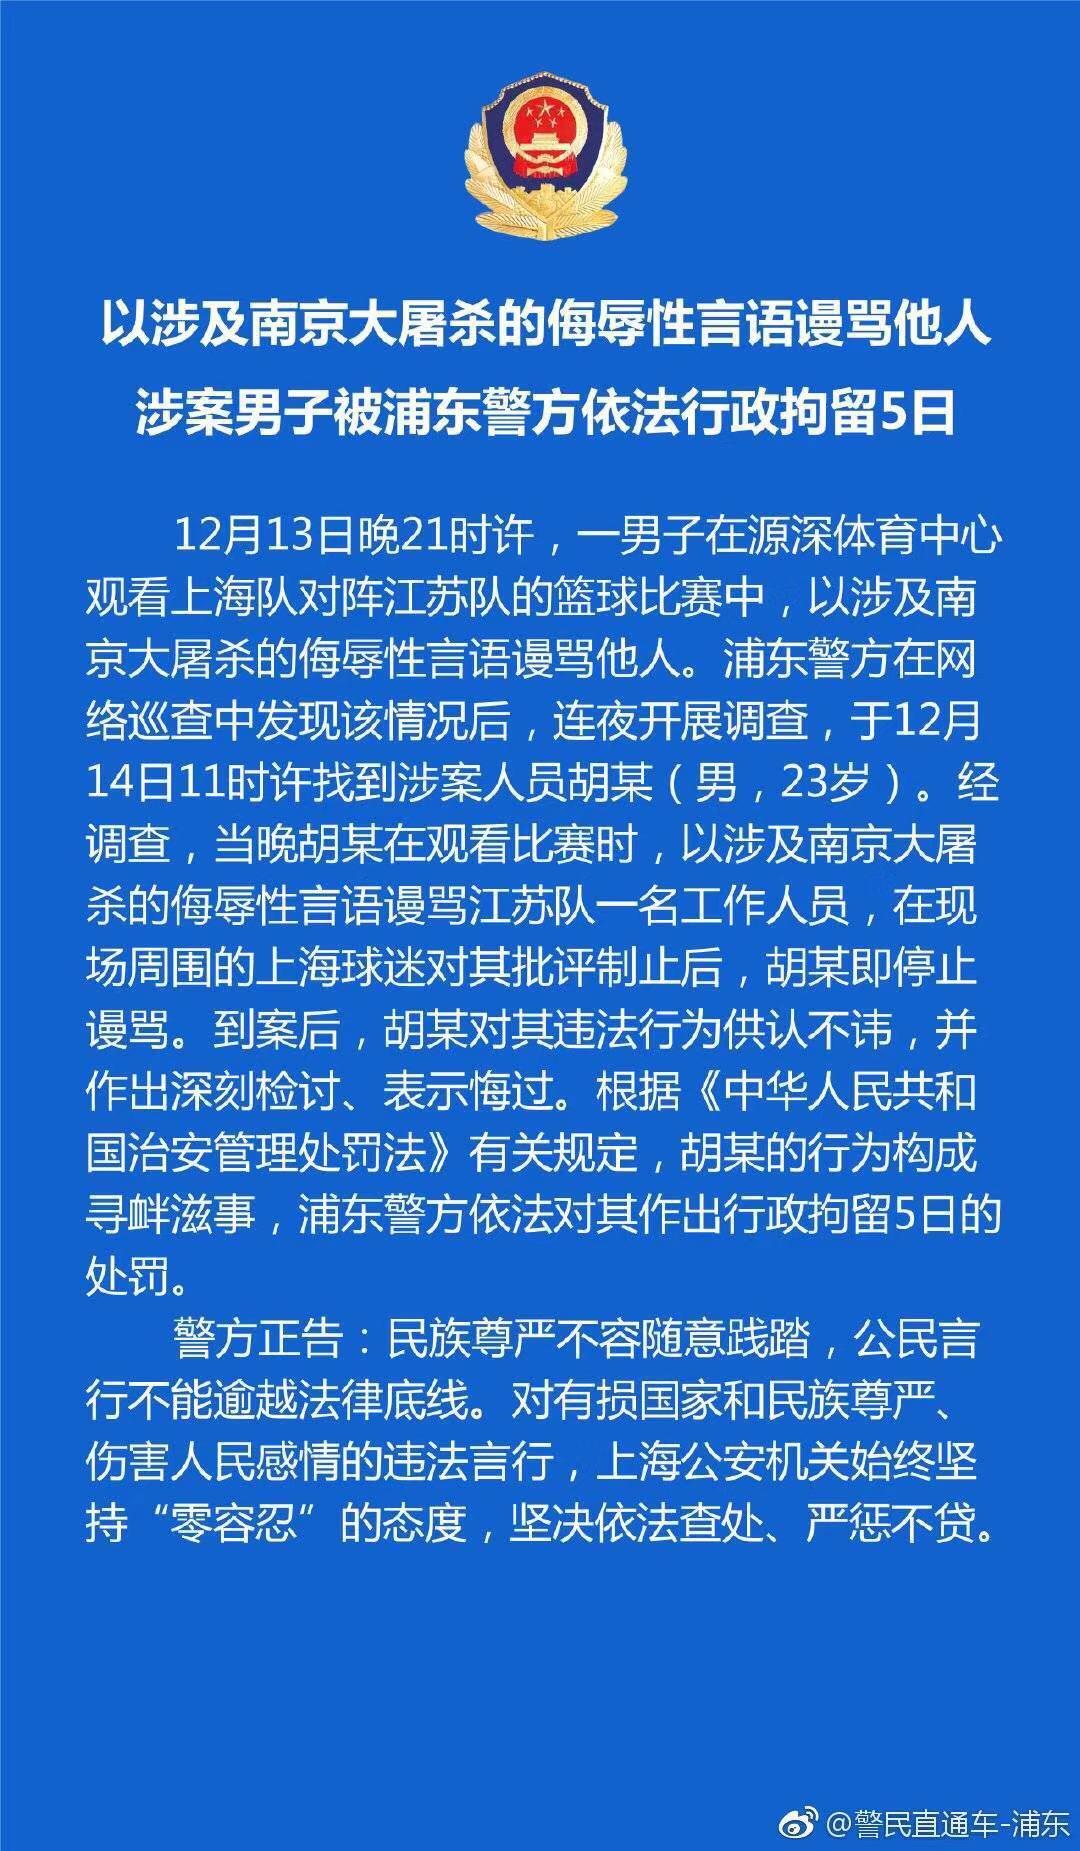 国家公祭日上海球迷用惨痛历史挑衅南京球队 警方通报:已行政拘留5日